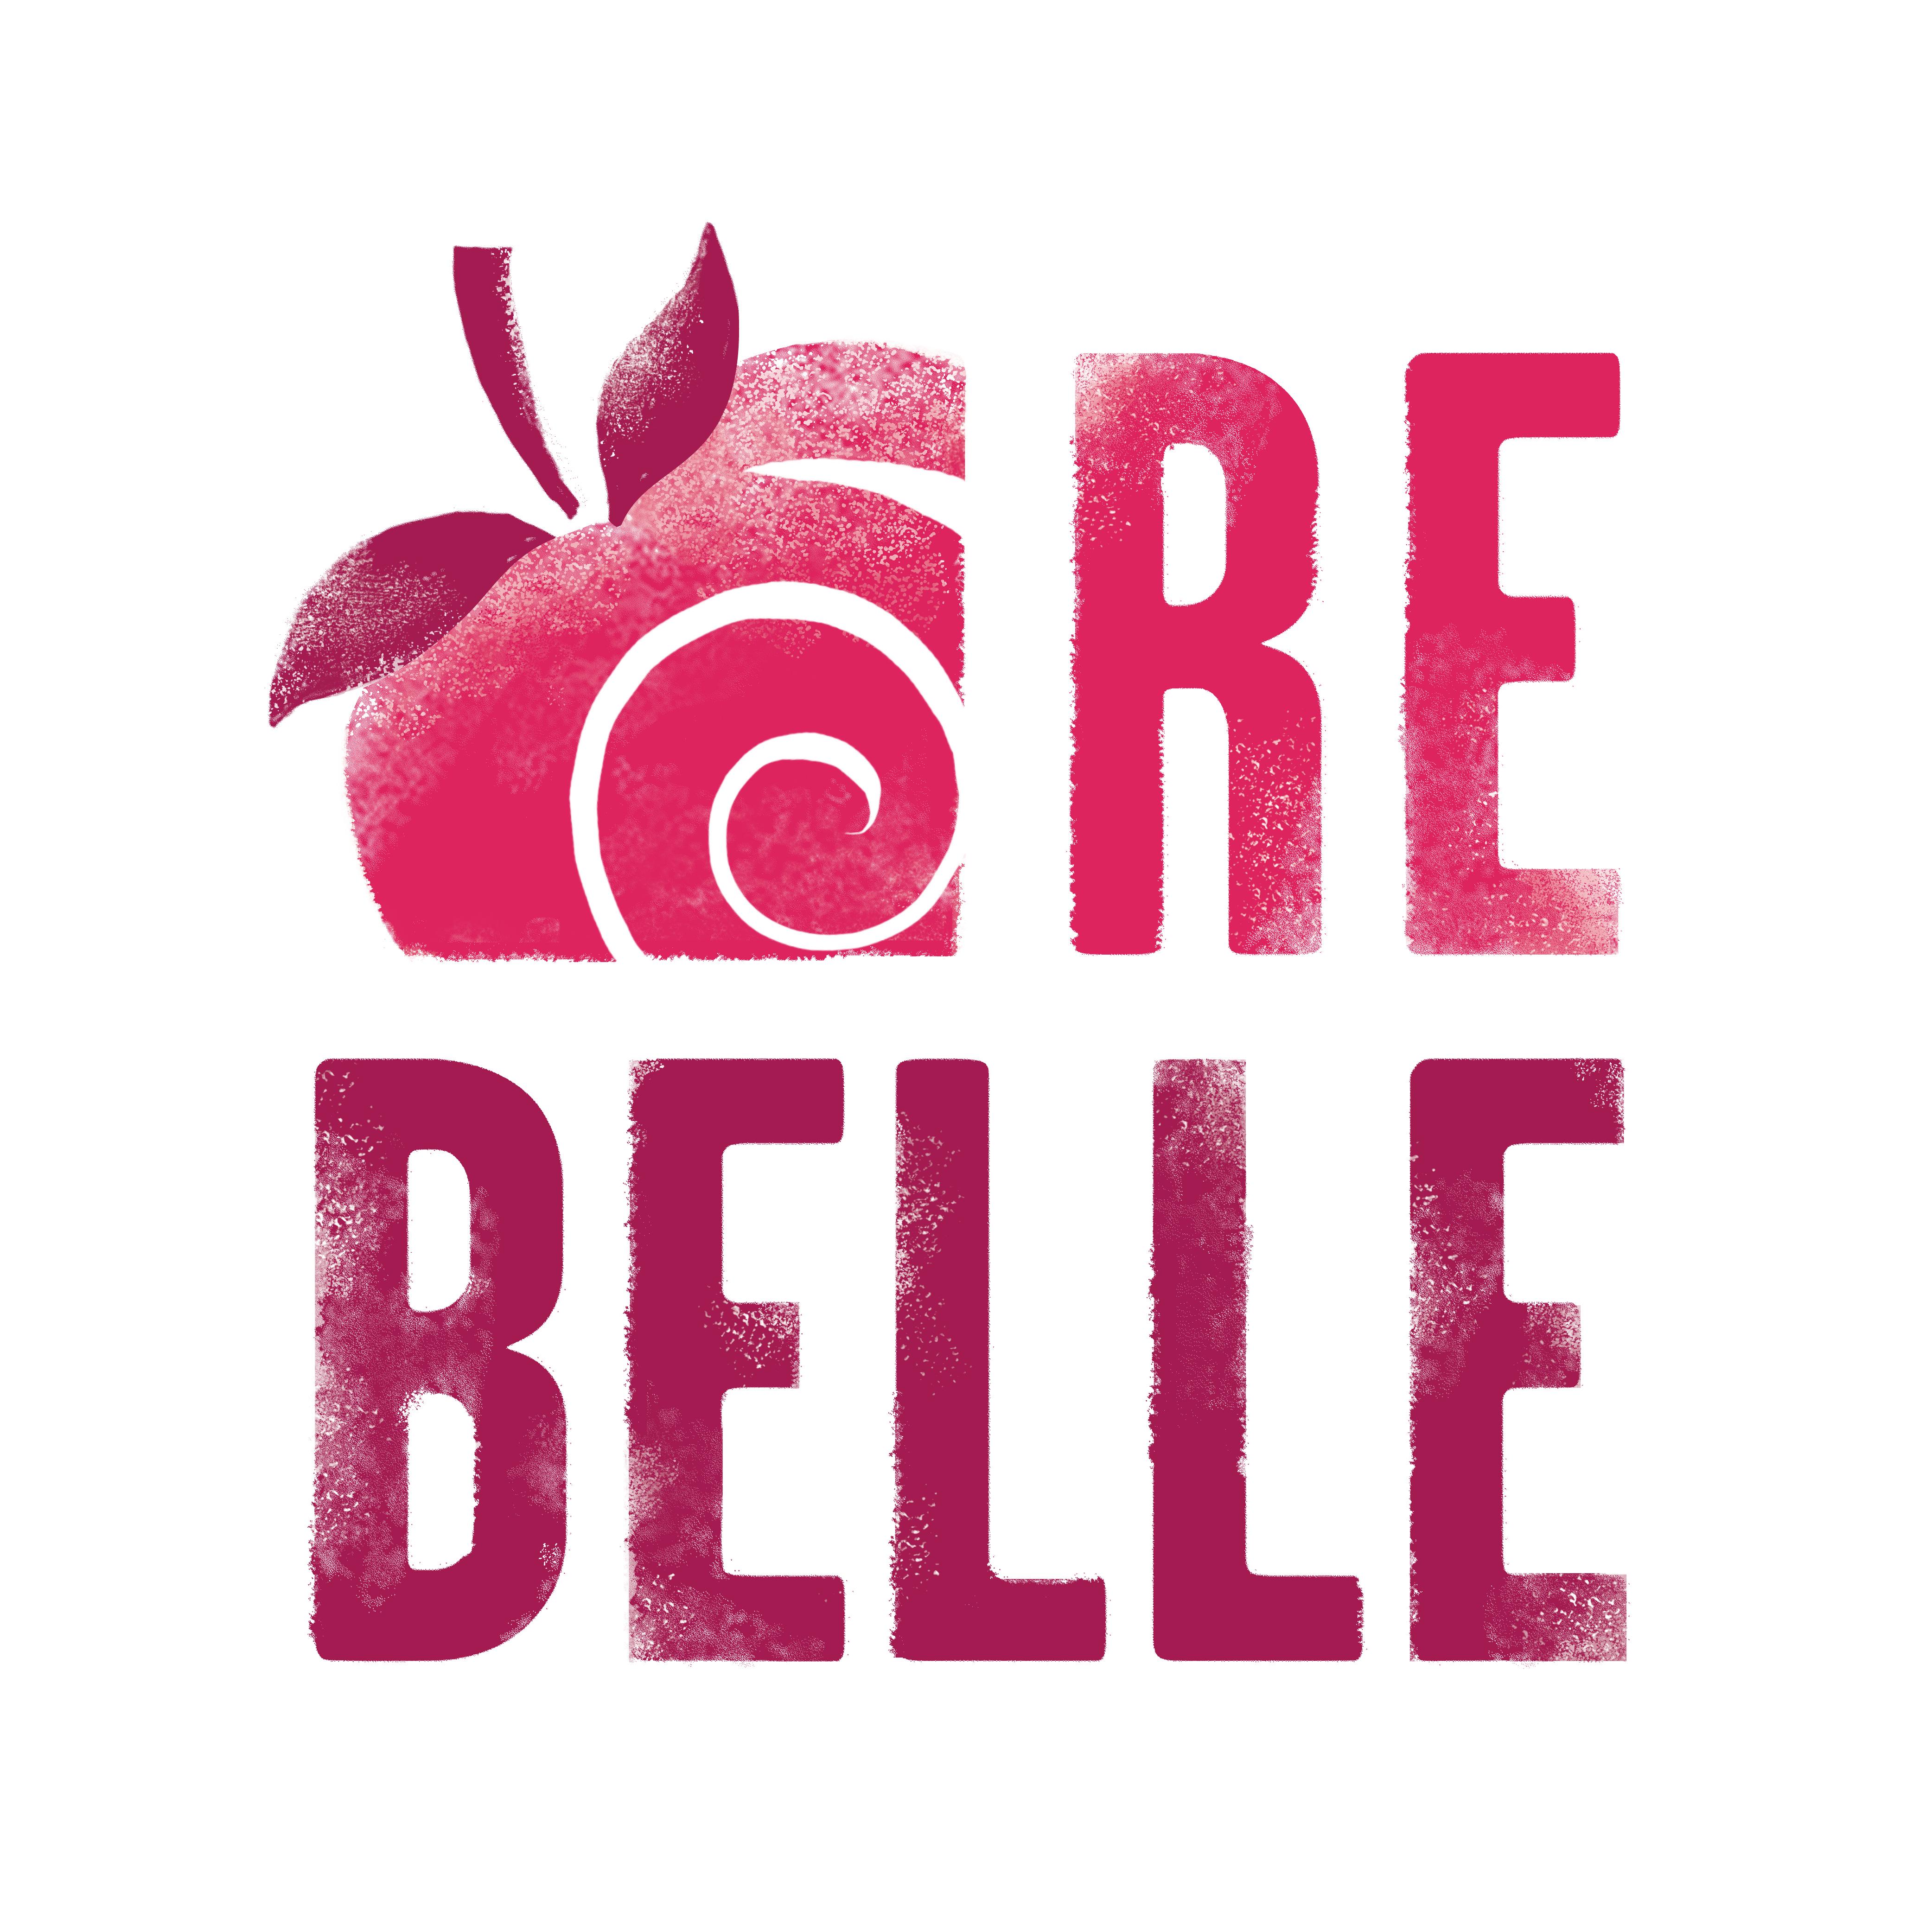 Rebelle - producteur présent sur le Food Market du FestFood à la Gaité lyrique